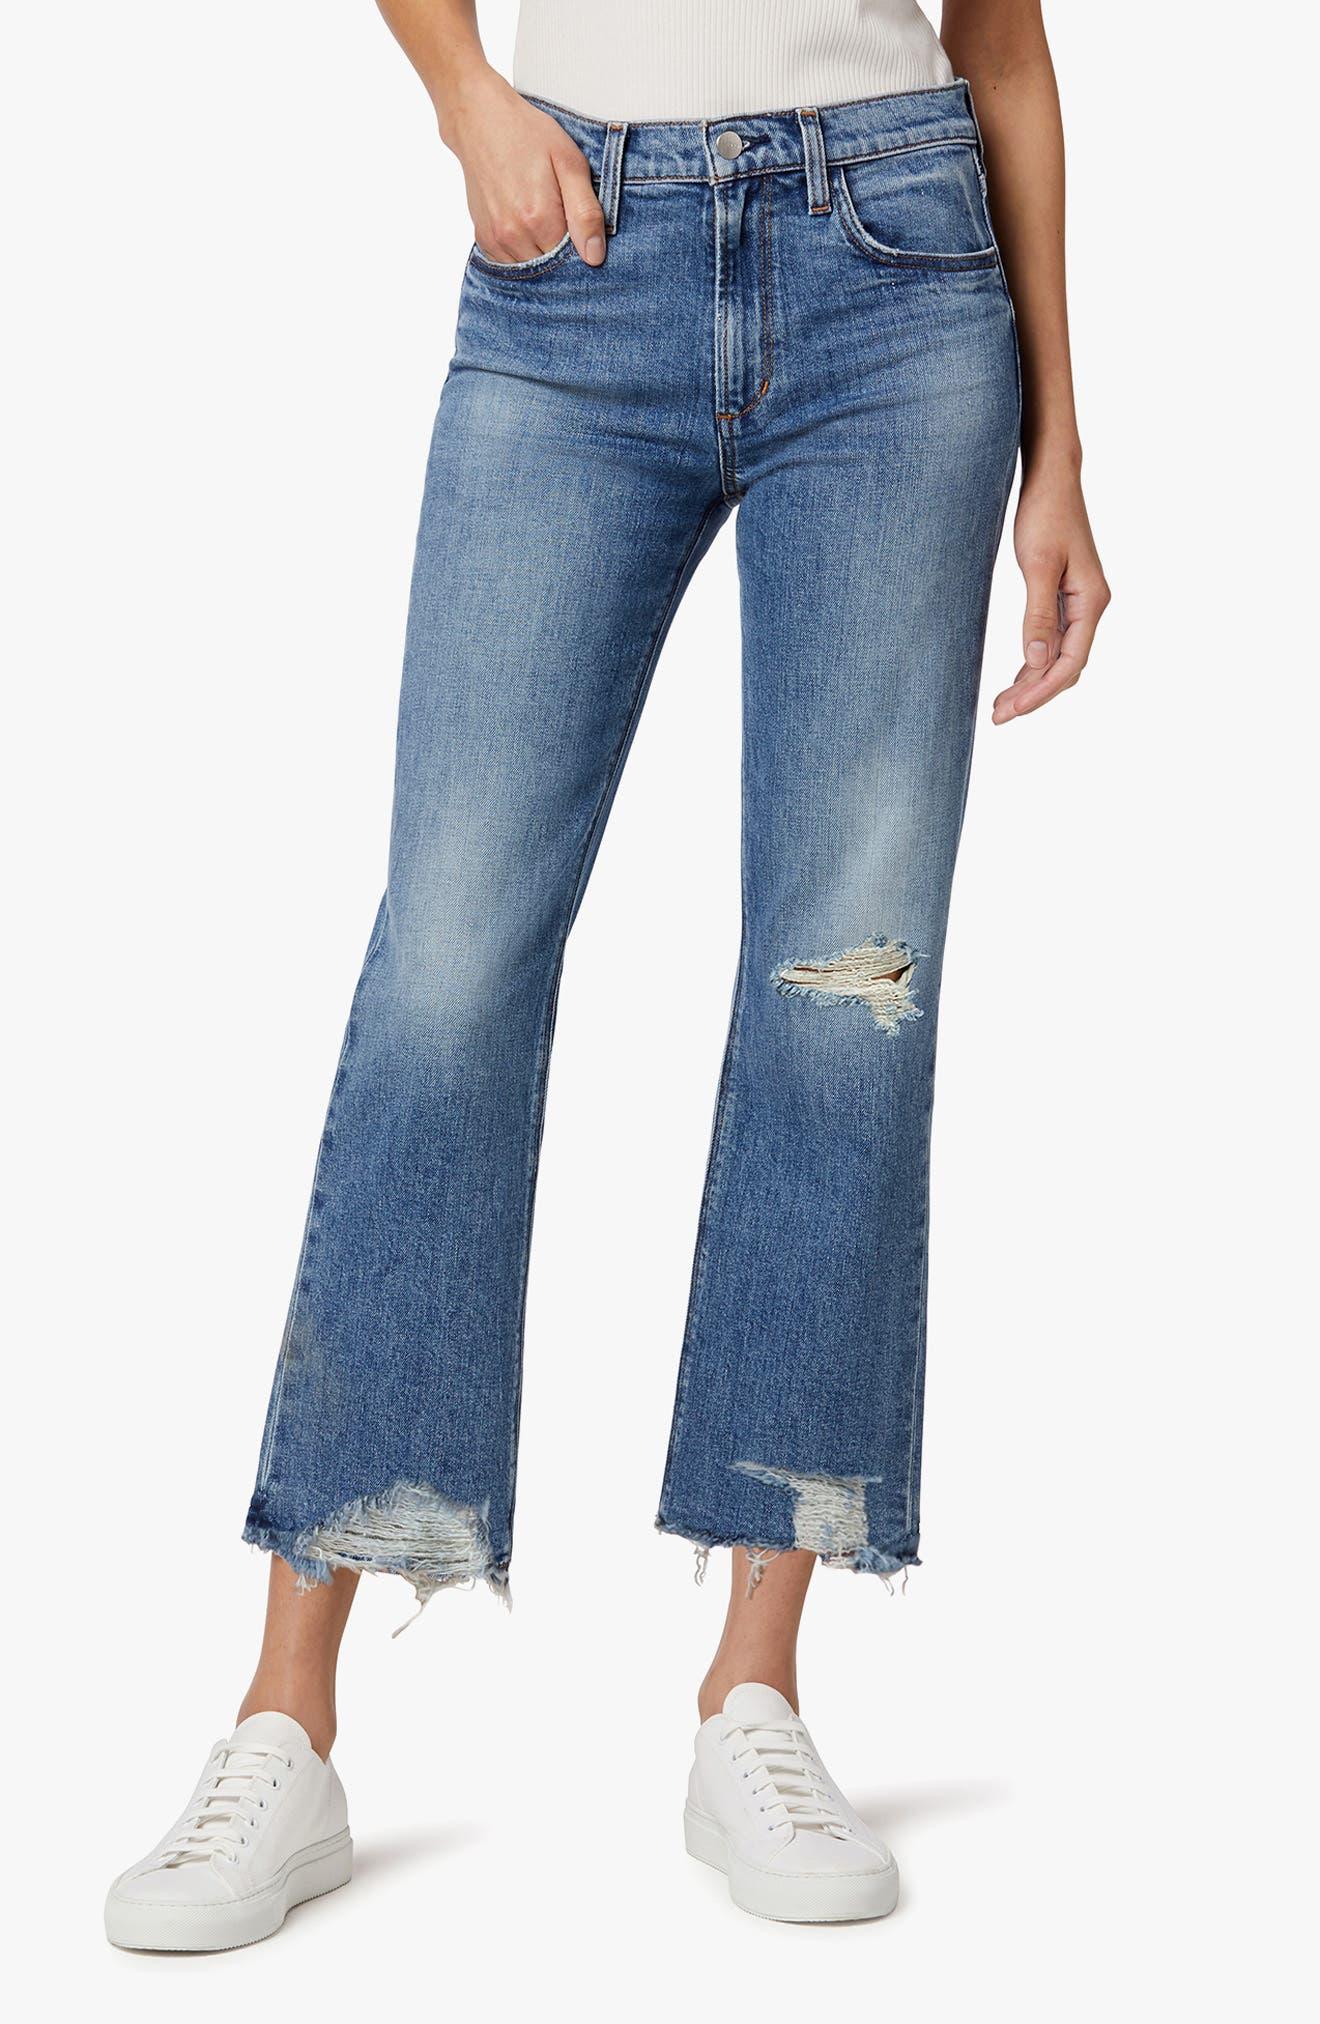 The Callie High Waist Crop Bootcut Jeans